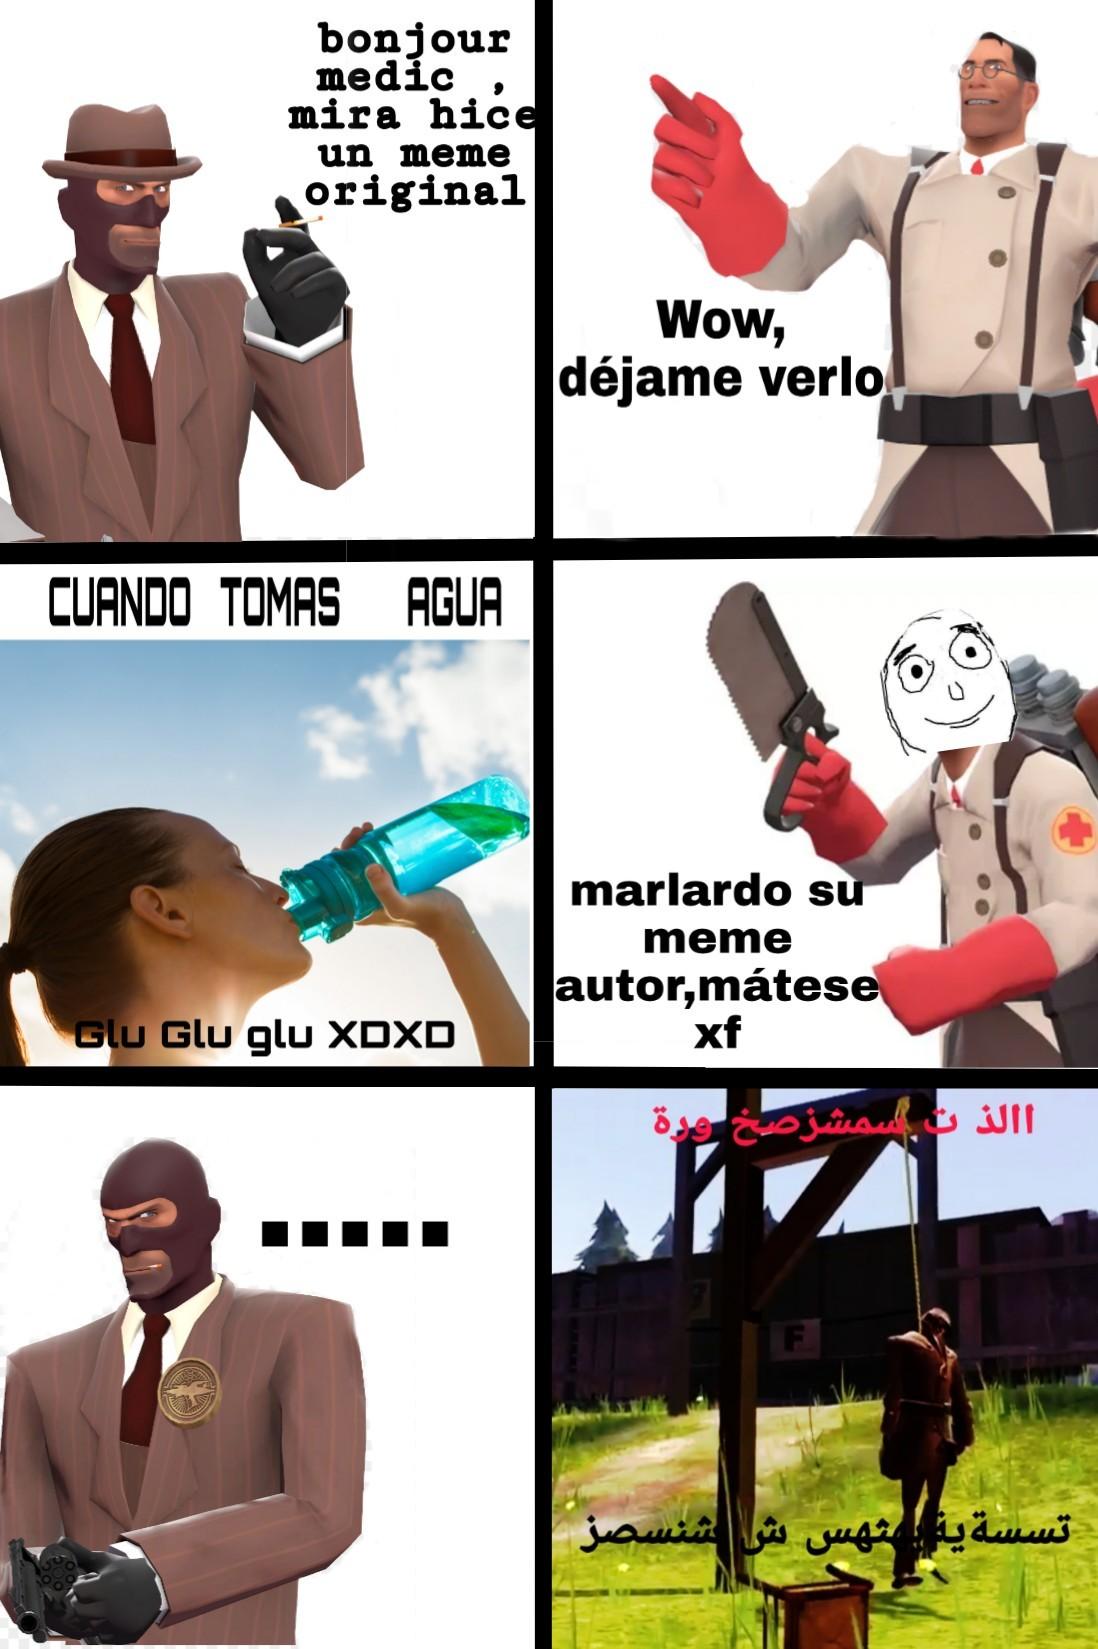 Que un meme sea original, no lo hace automaticamente bueno